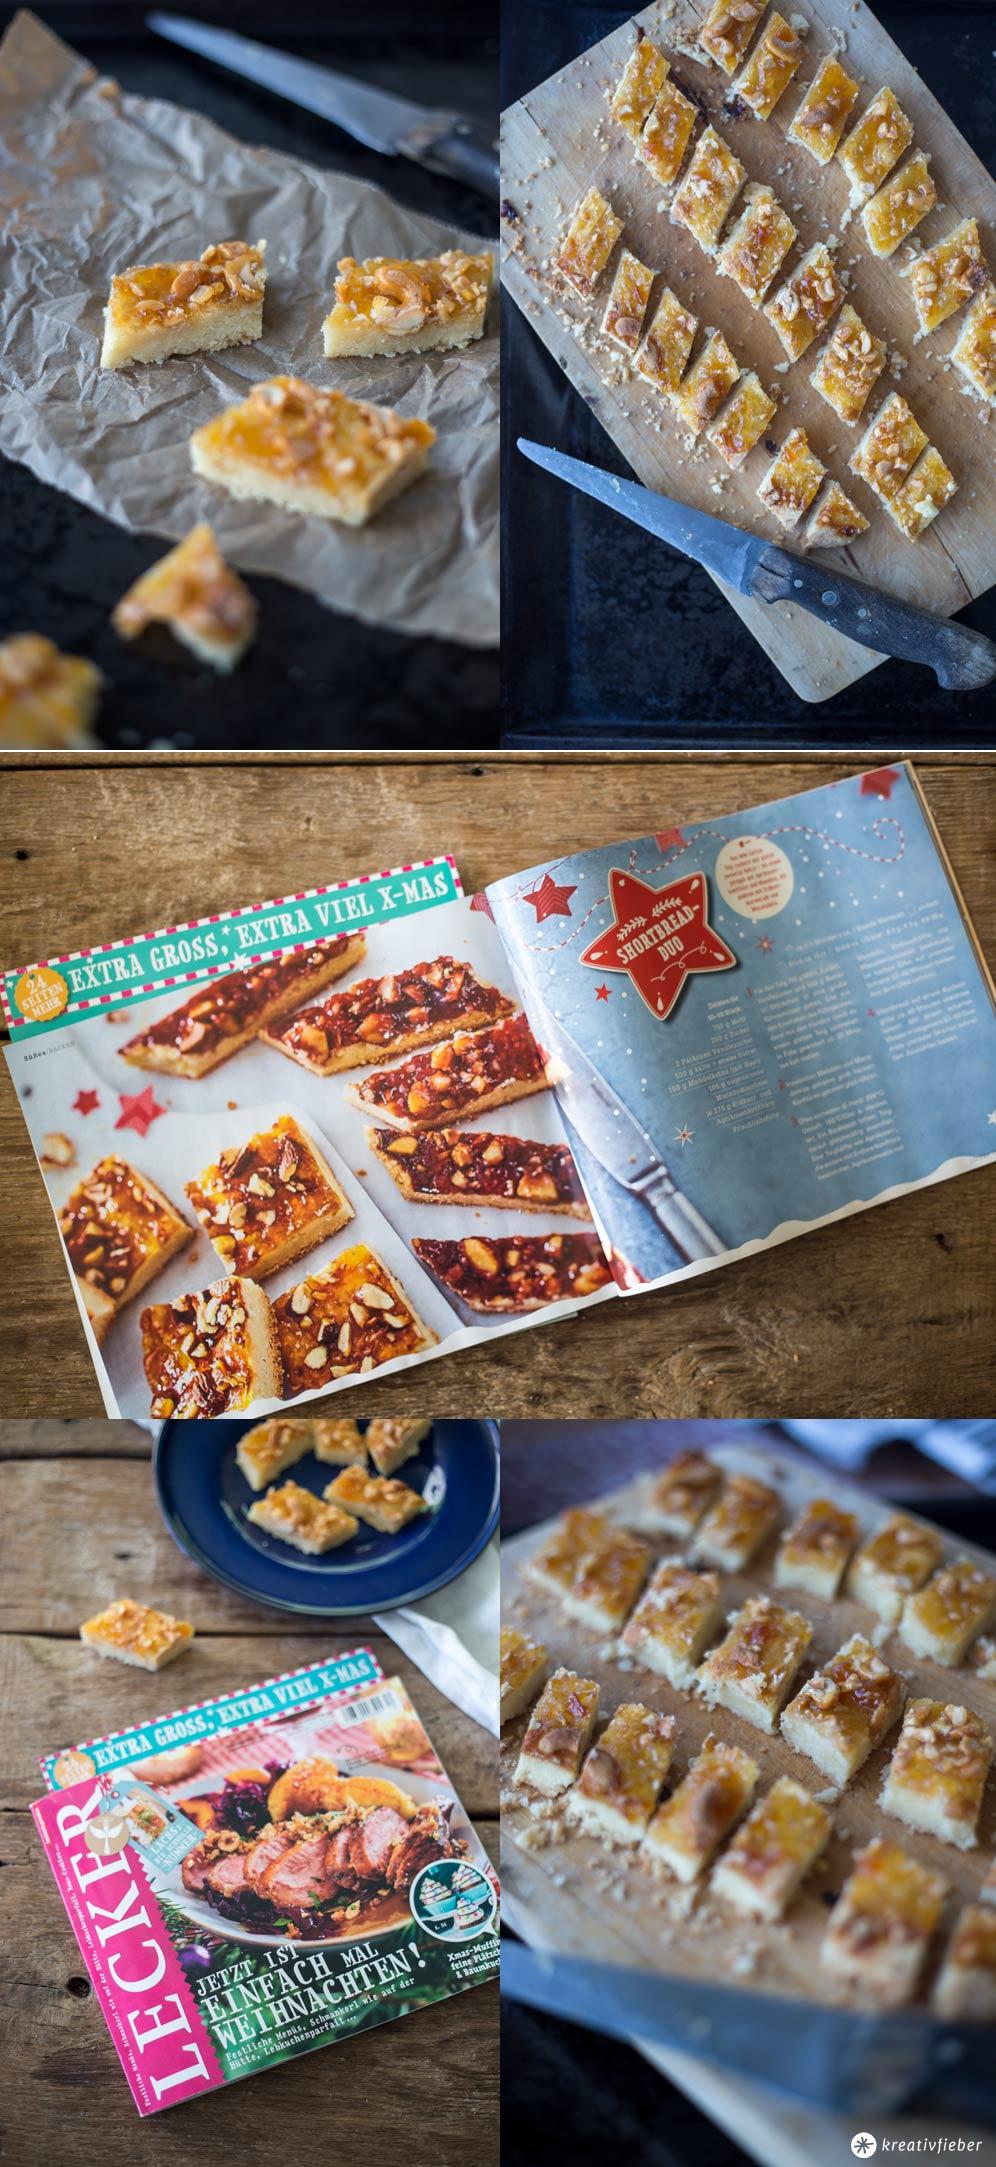 Aprikosen Shortbread mit Cashews - Weihnachtplätzchen backen mit lecker